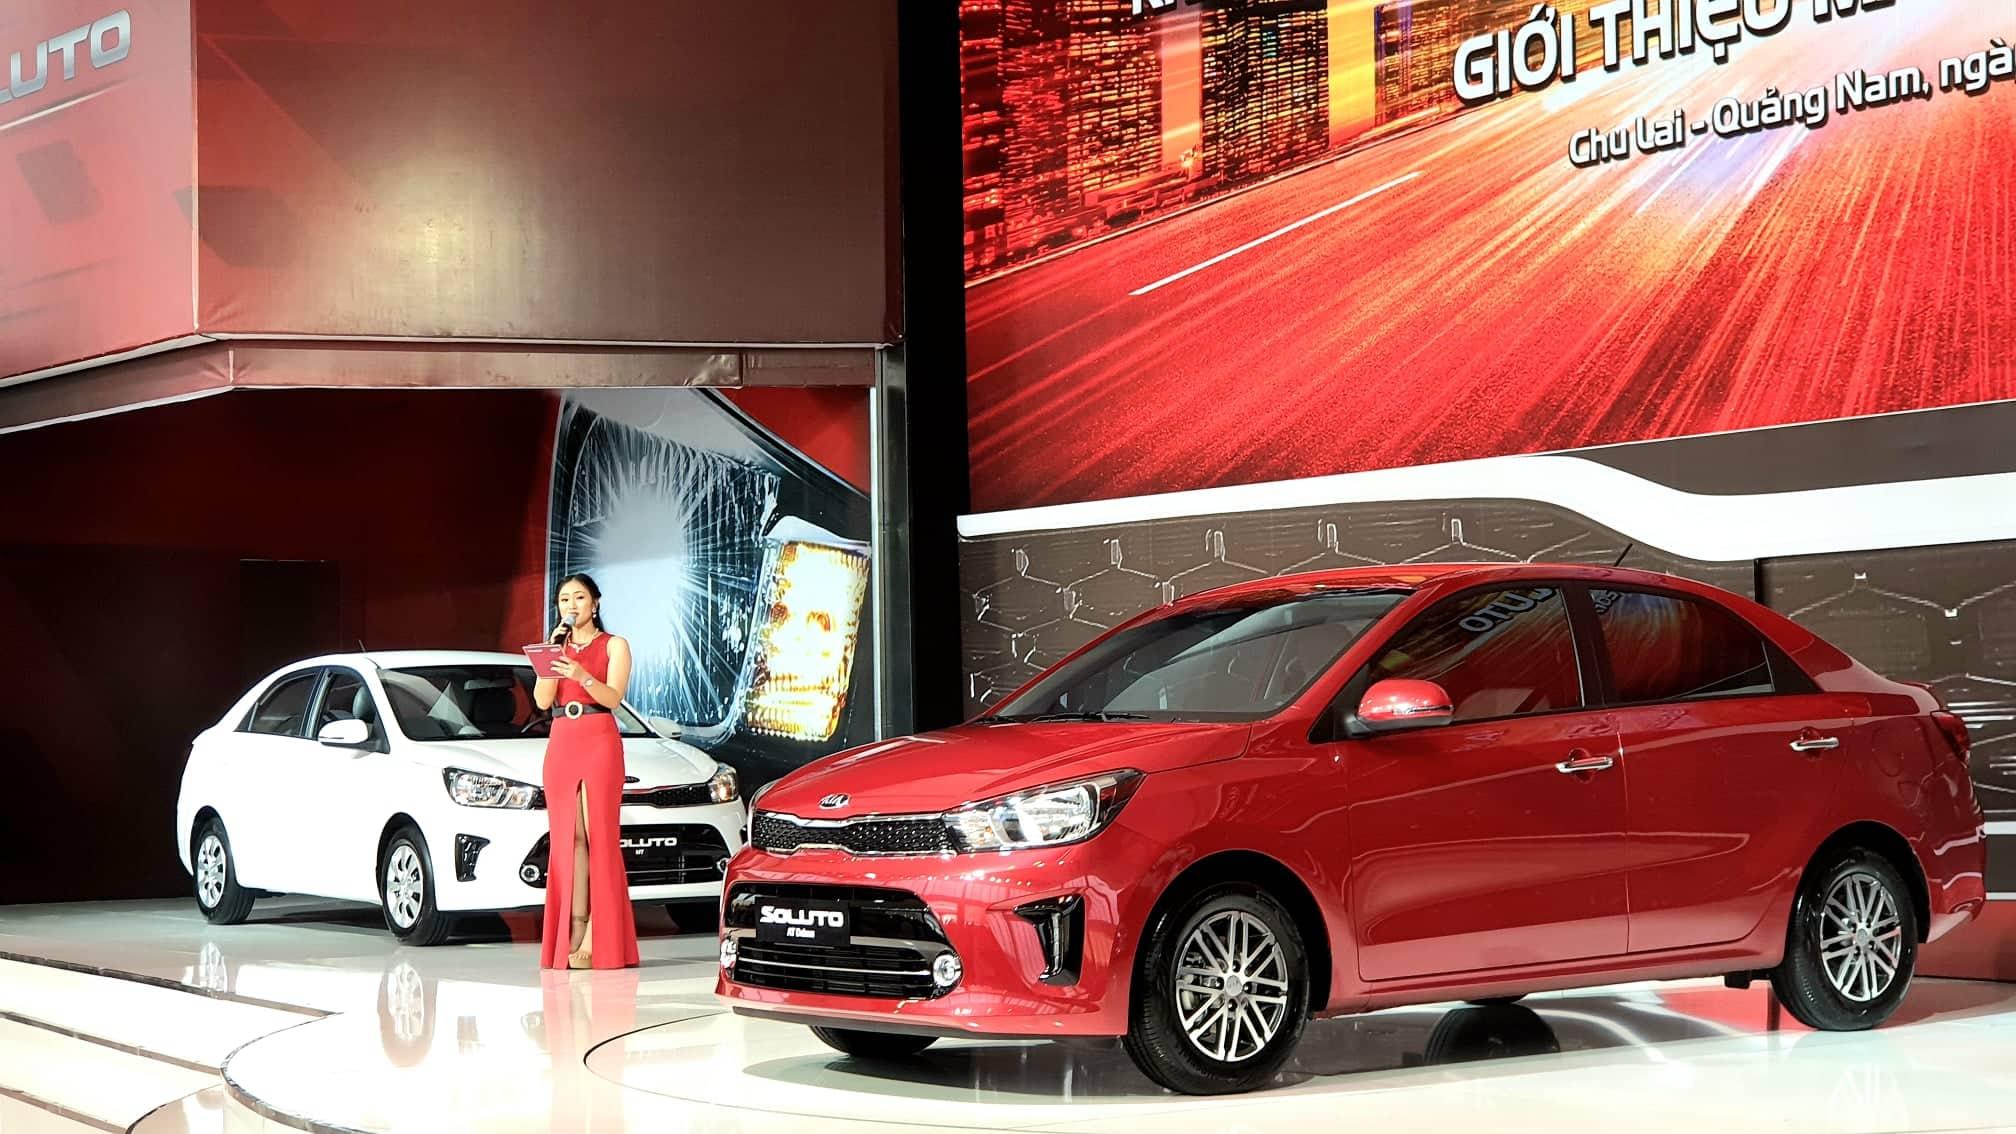 Thaco ra mắt mẫu xe ô tô Kia Soluto giá từ 399 triệu đồng